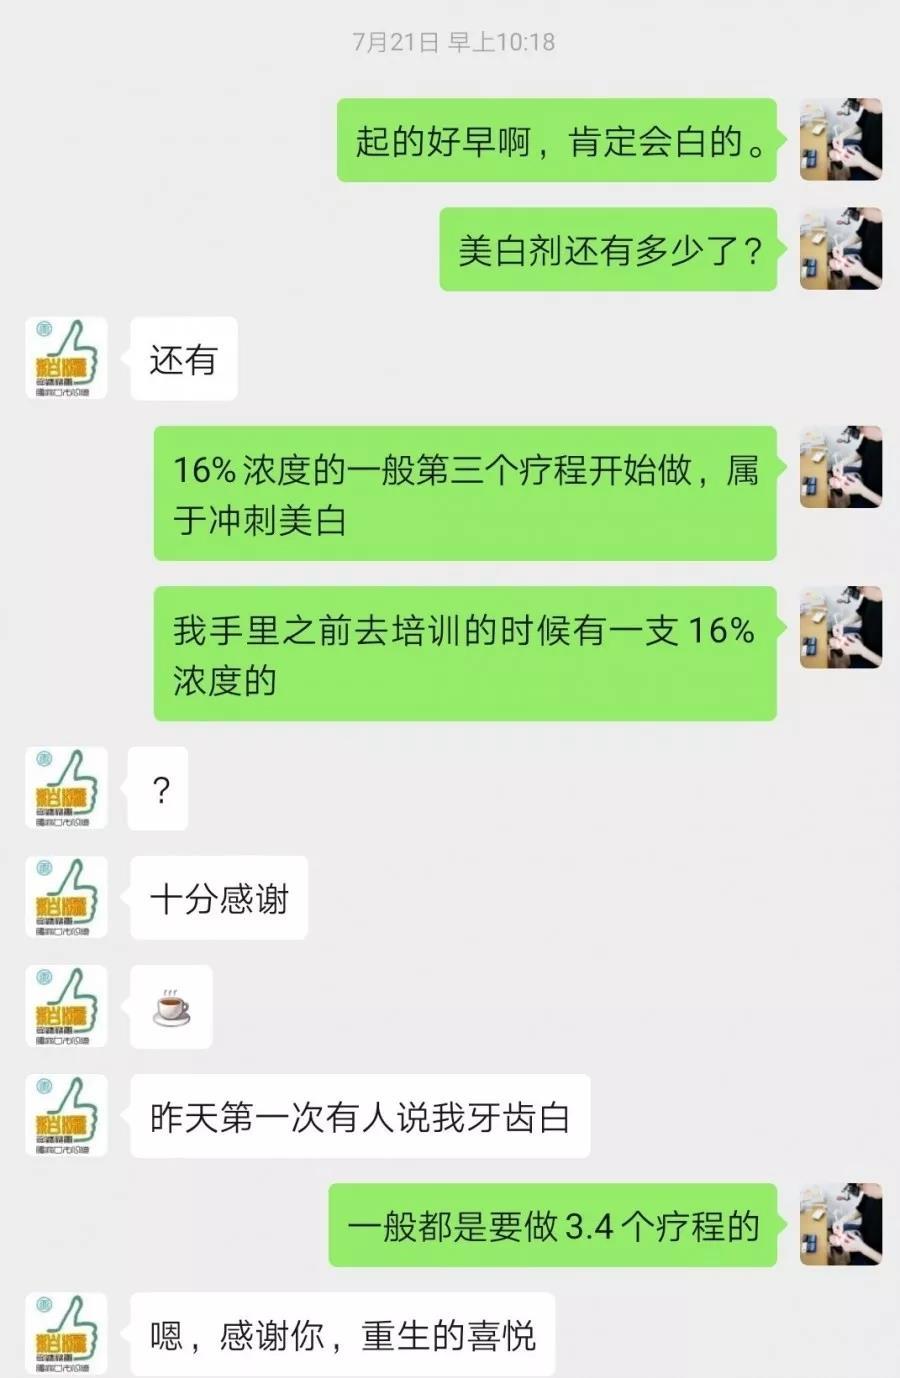 慈恩名人堂 | 姜思瀚 :彬彬有礼,竭诚相待。